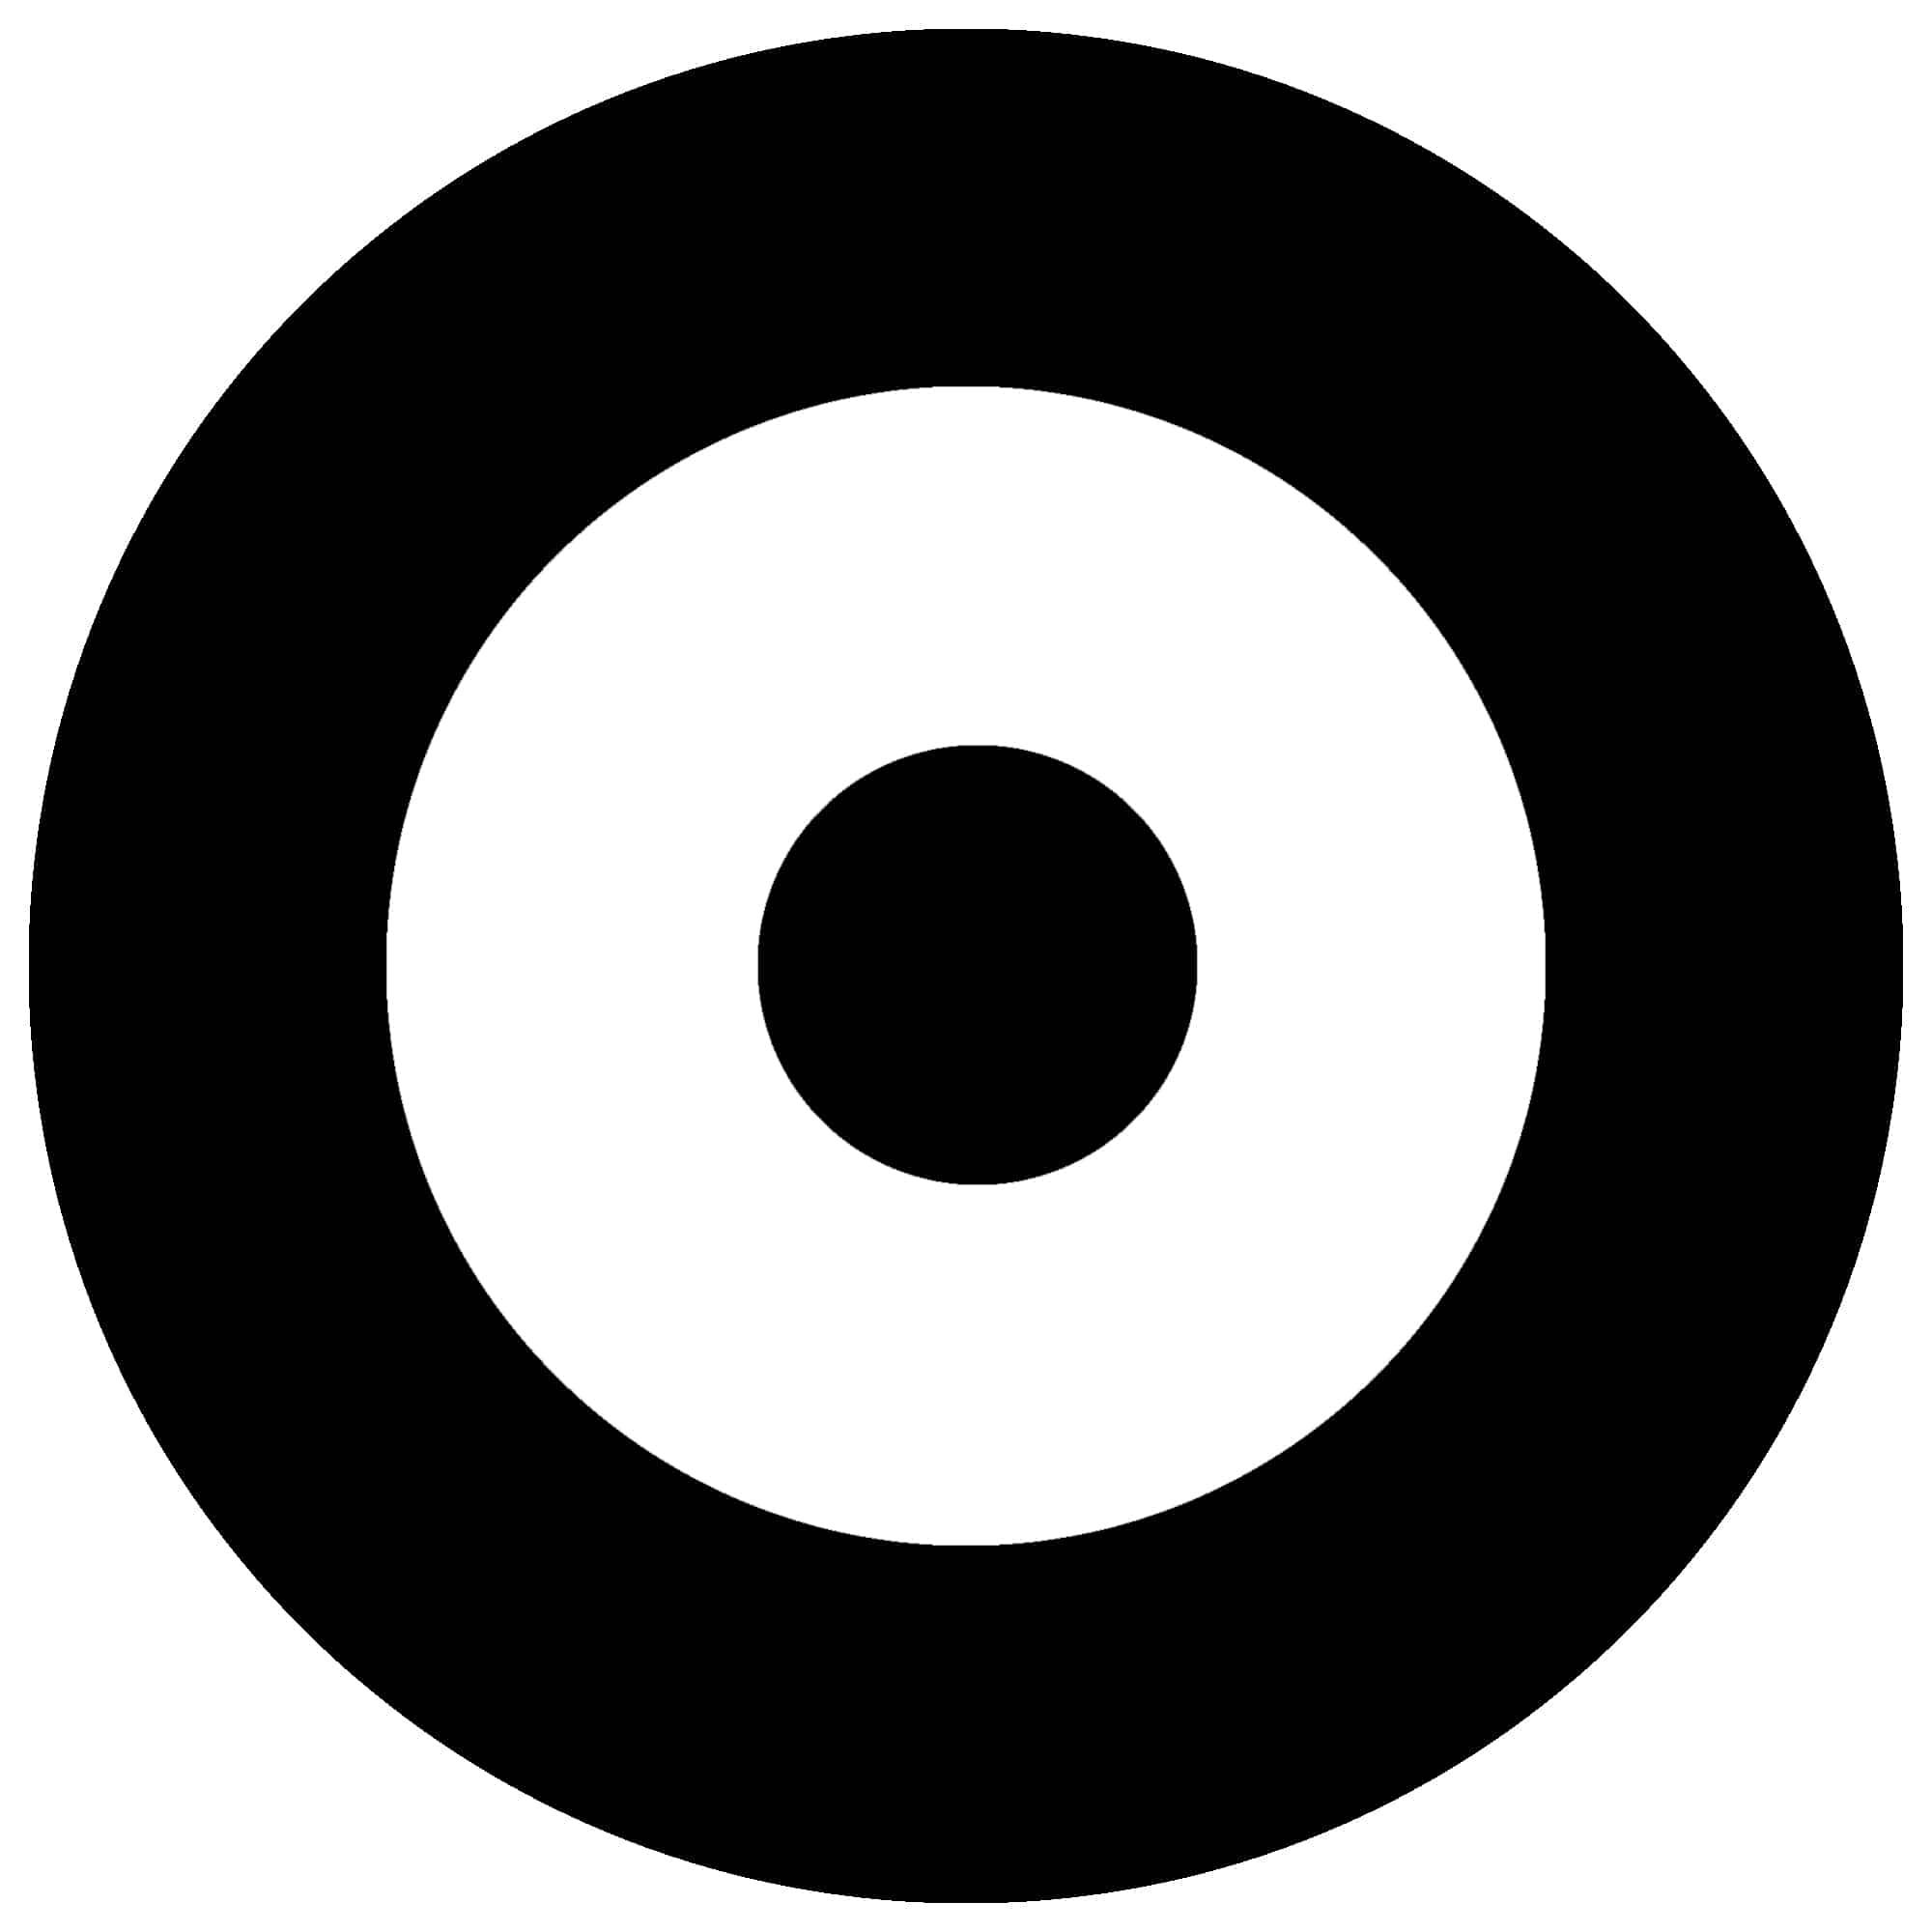 Bullseye blank black